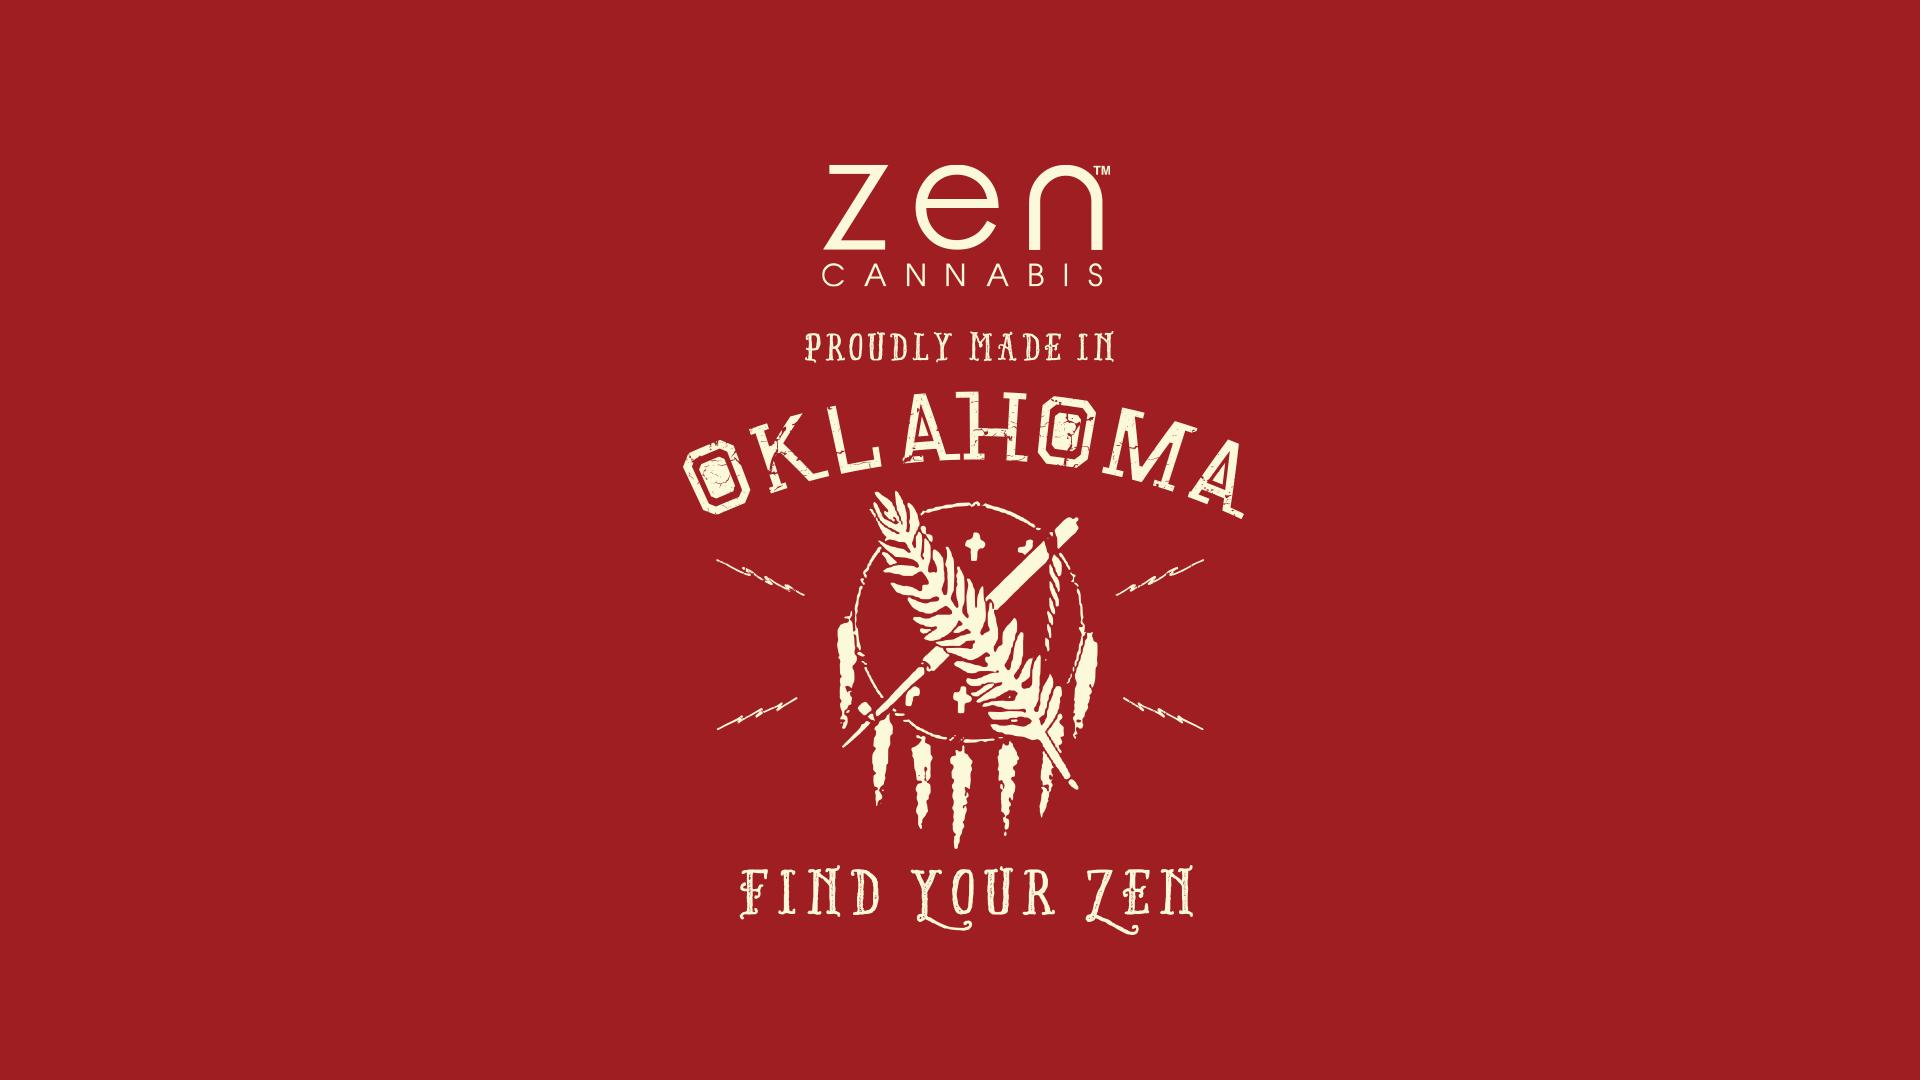 Zen-Oklahoma-Red